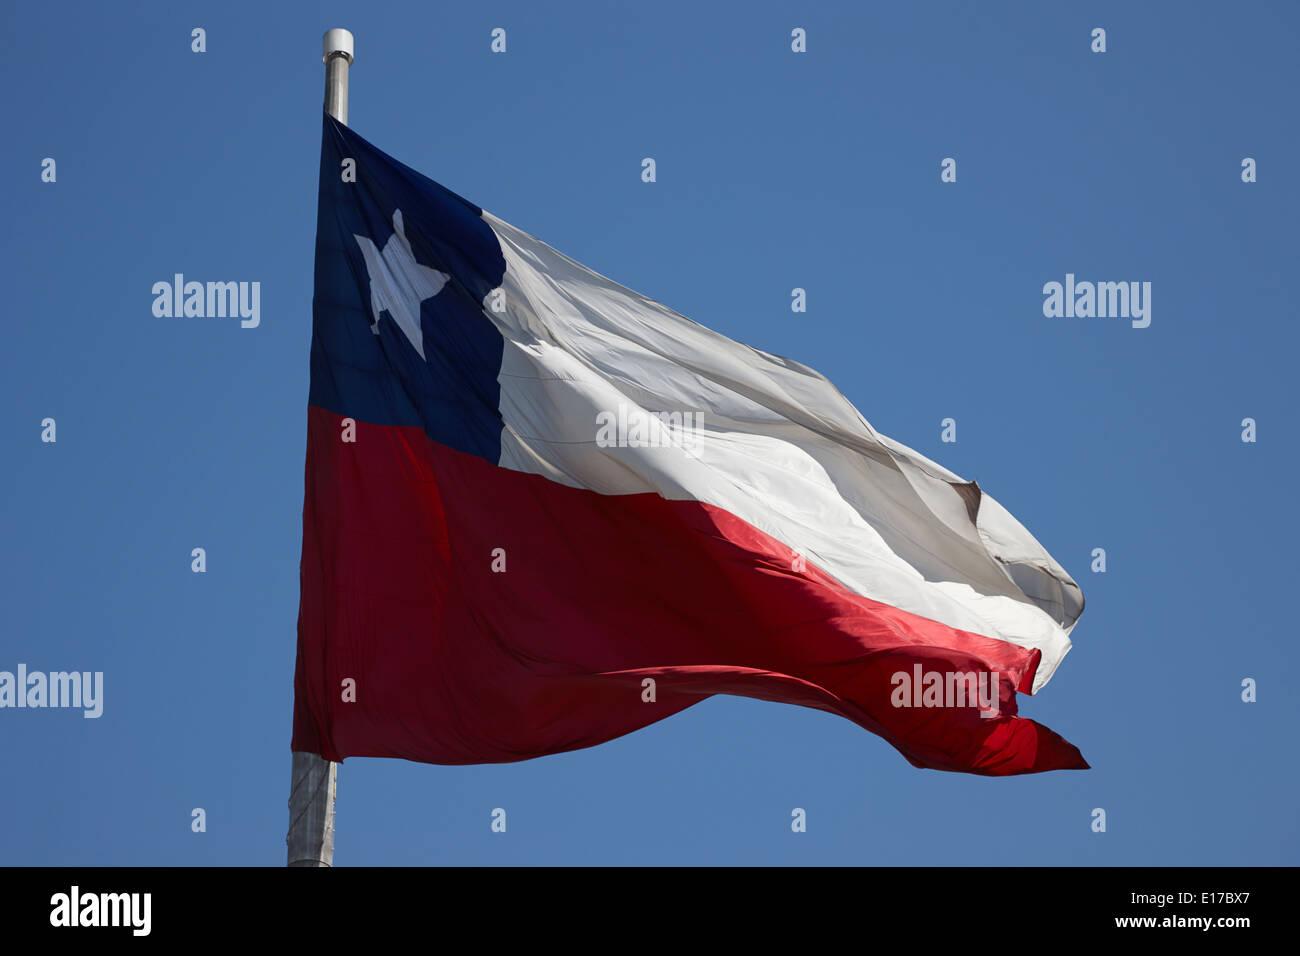 großer bicentenary Flagge in Bürger Quadrat Santiago Chile Stockbild